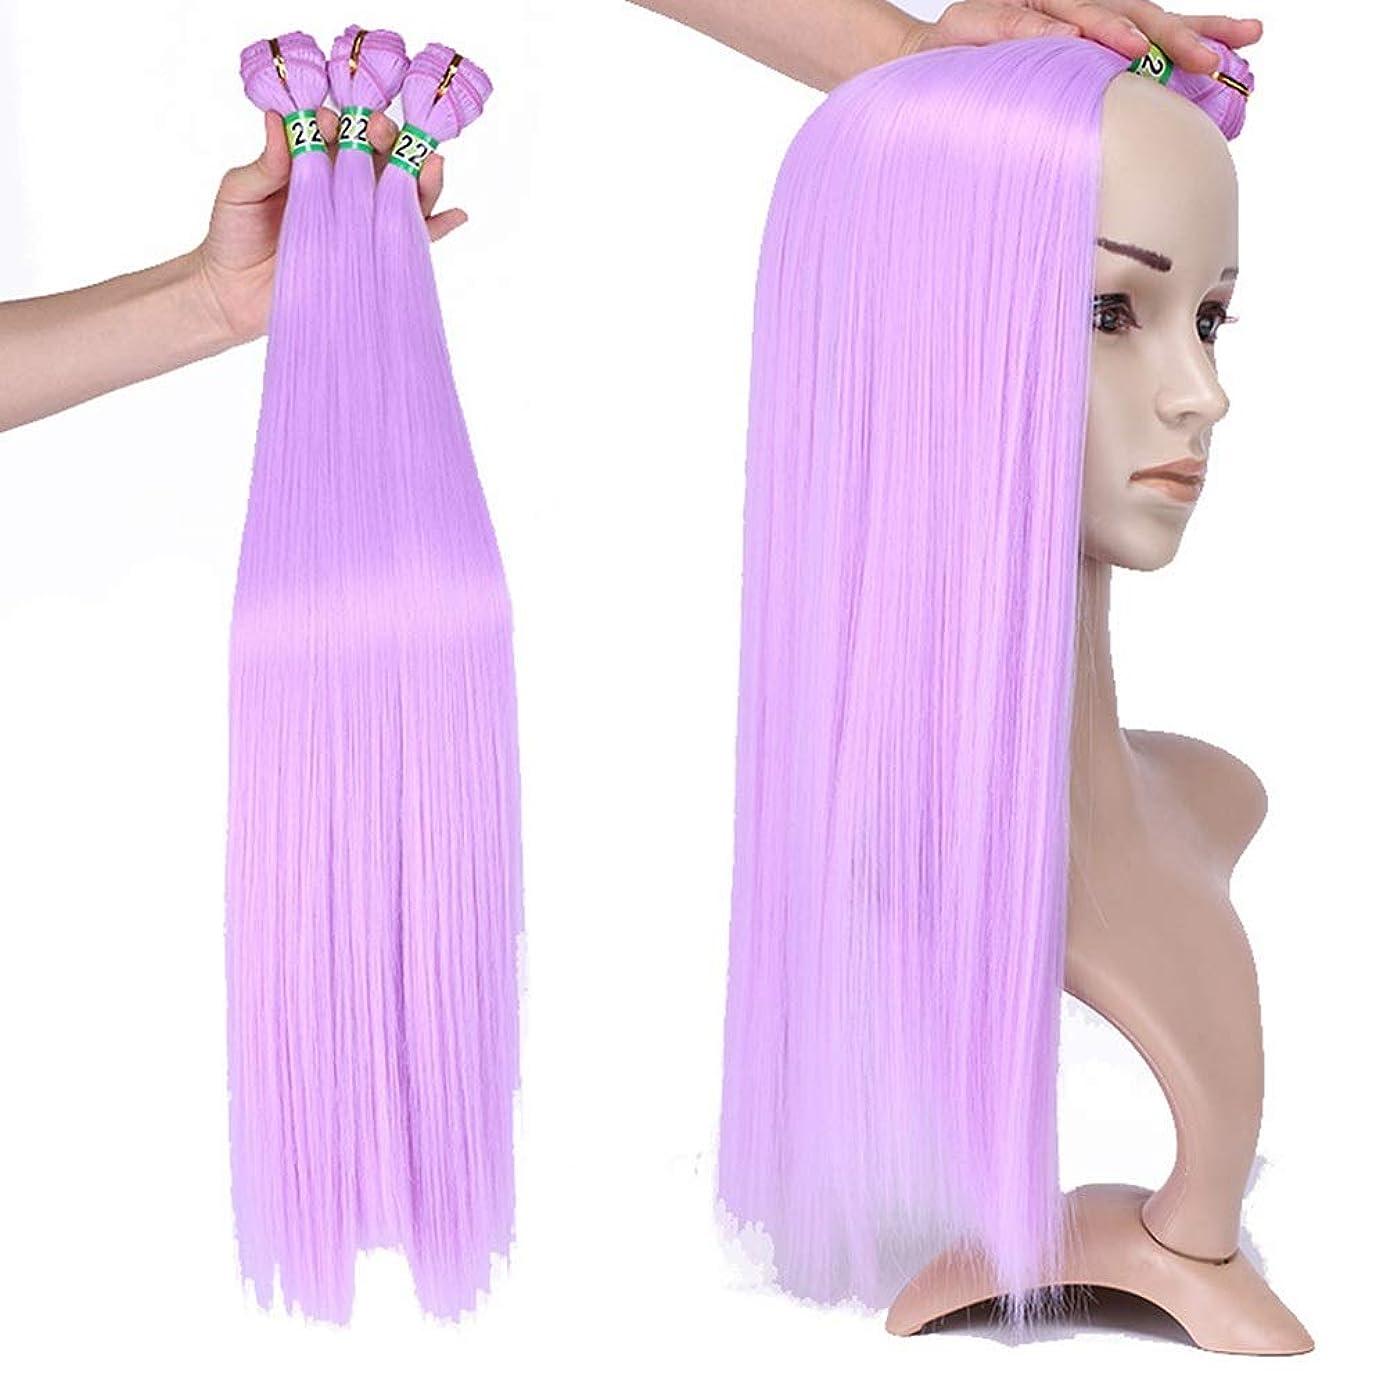 禁輸ぶどうはがきHOHYLLYA 3バンドルライトパープルストレート人工毛織りバンドル高温繊維ヘアエクステンション100グラム/バンドル複合ヘアレースかつらロールプレイングかつらロングとショート女性自然 (色 : Light purple, サイズ : 20inch)